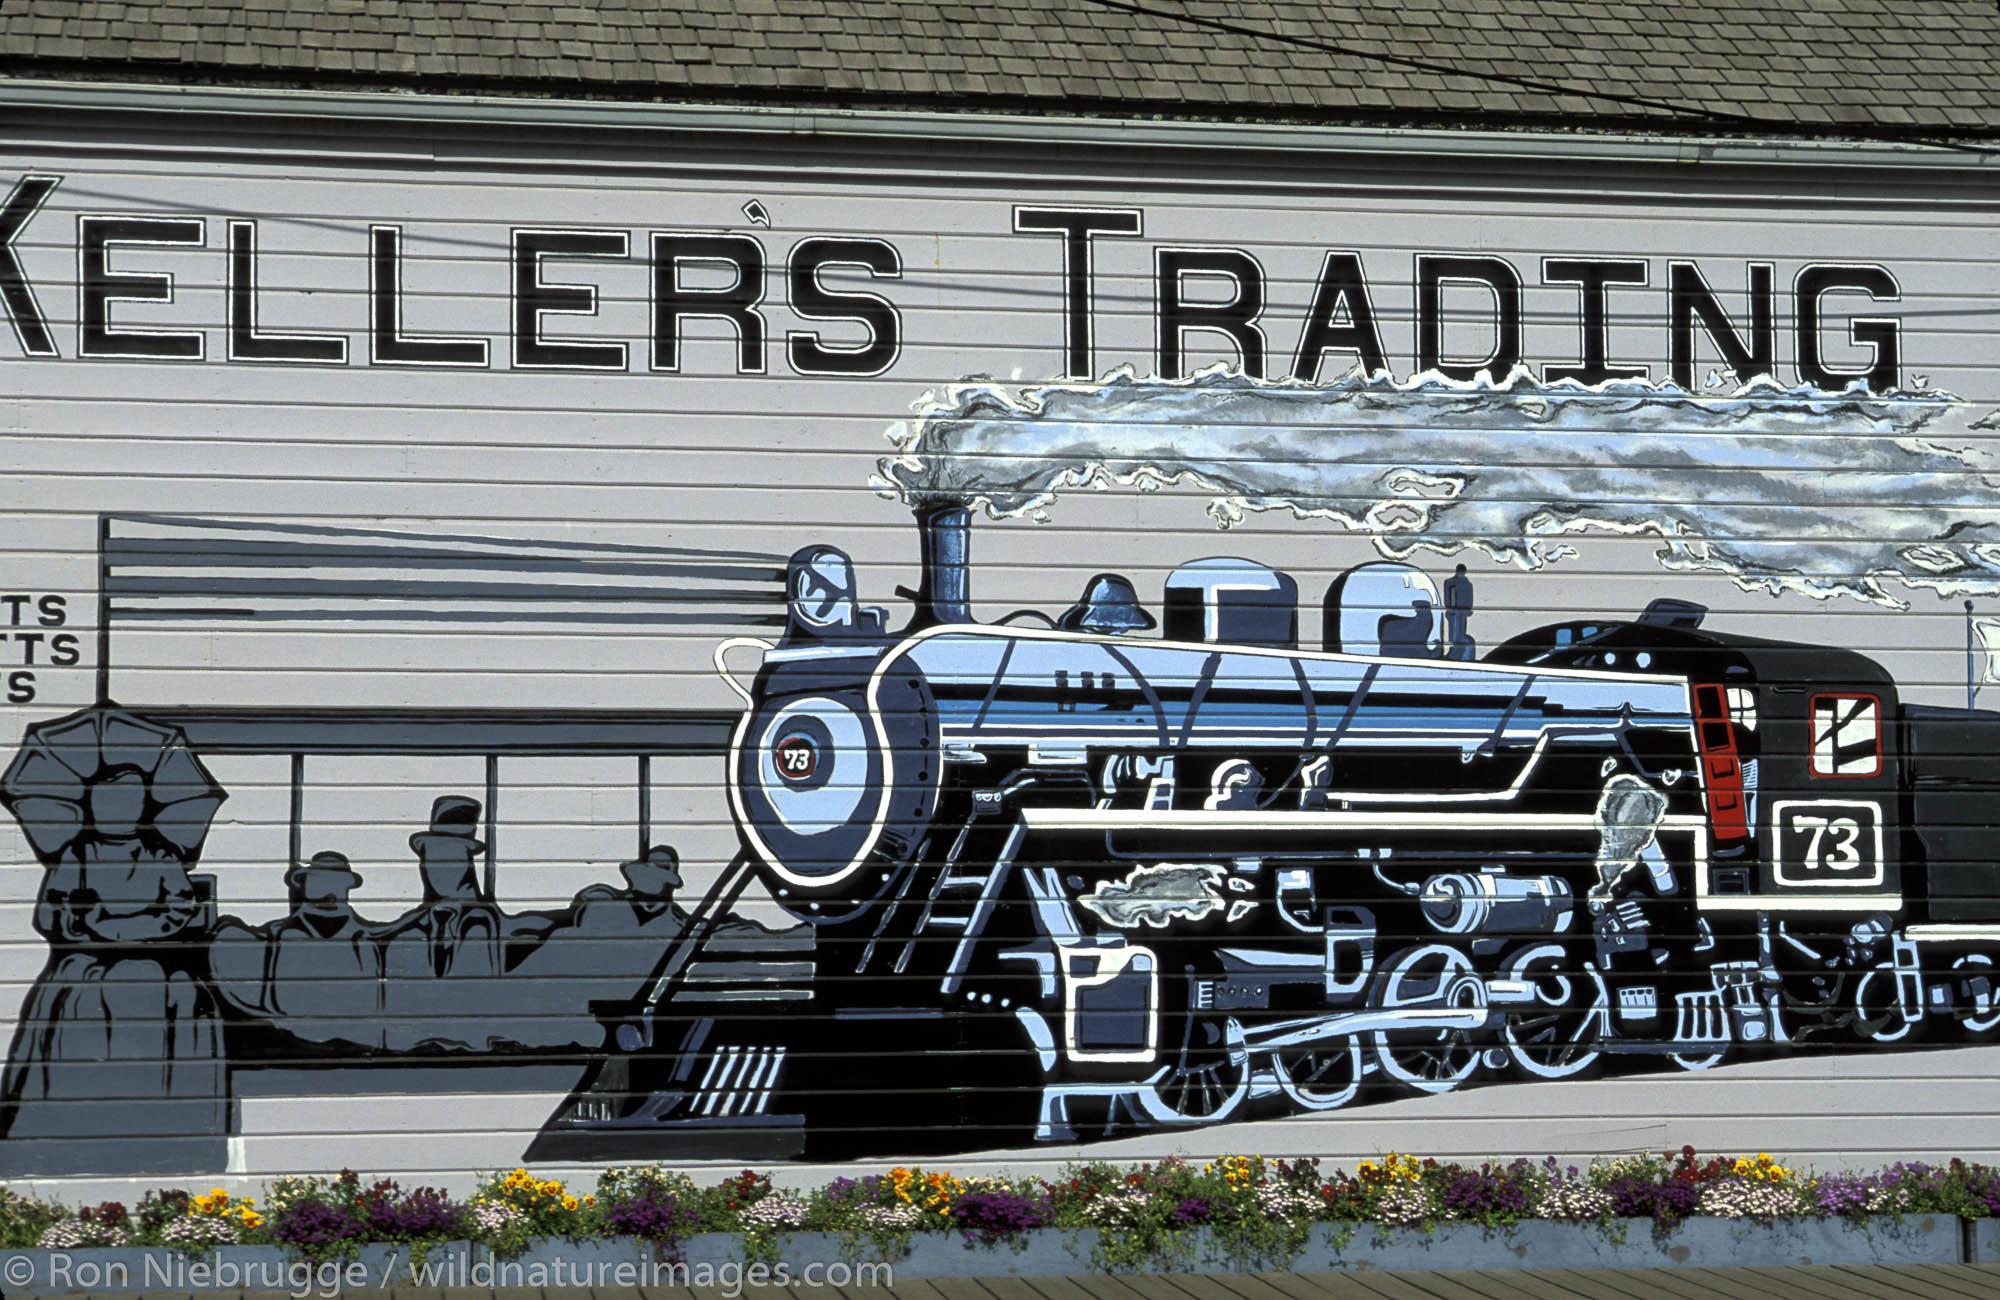 Old restored buildings (Keller's Trading) in the town of Skagway, Alaska.